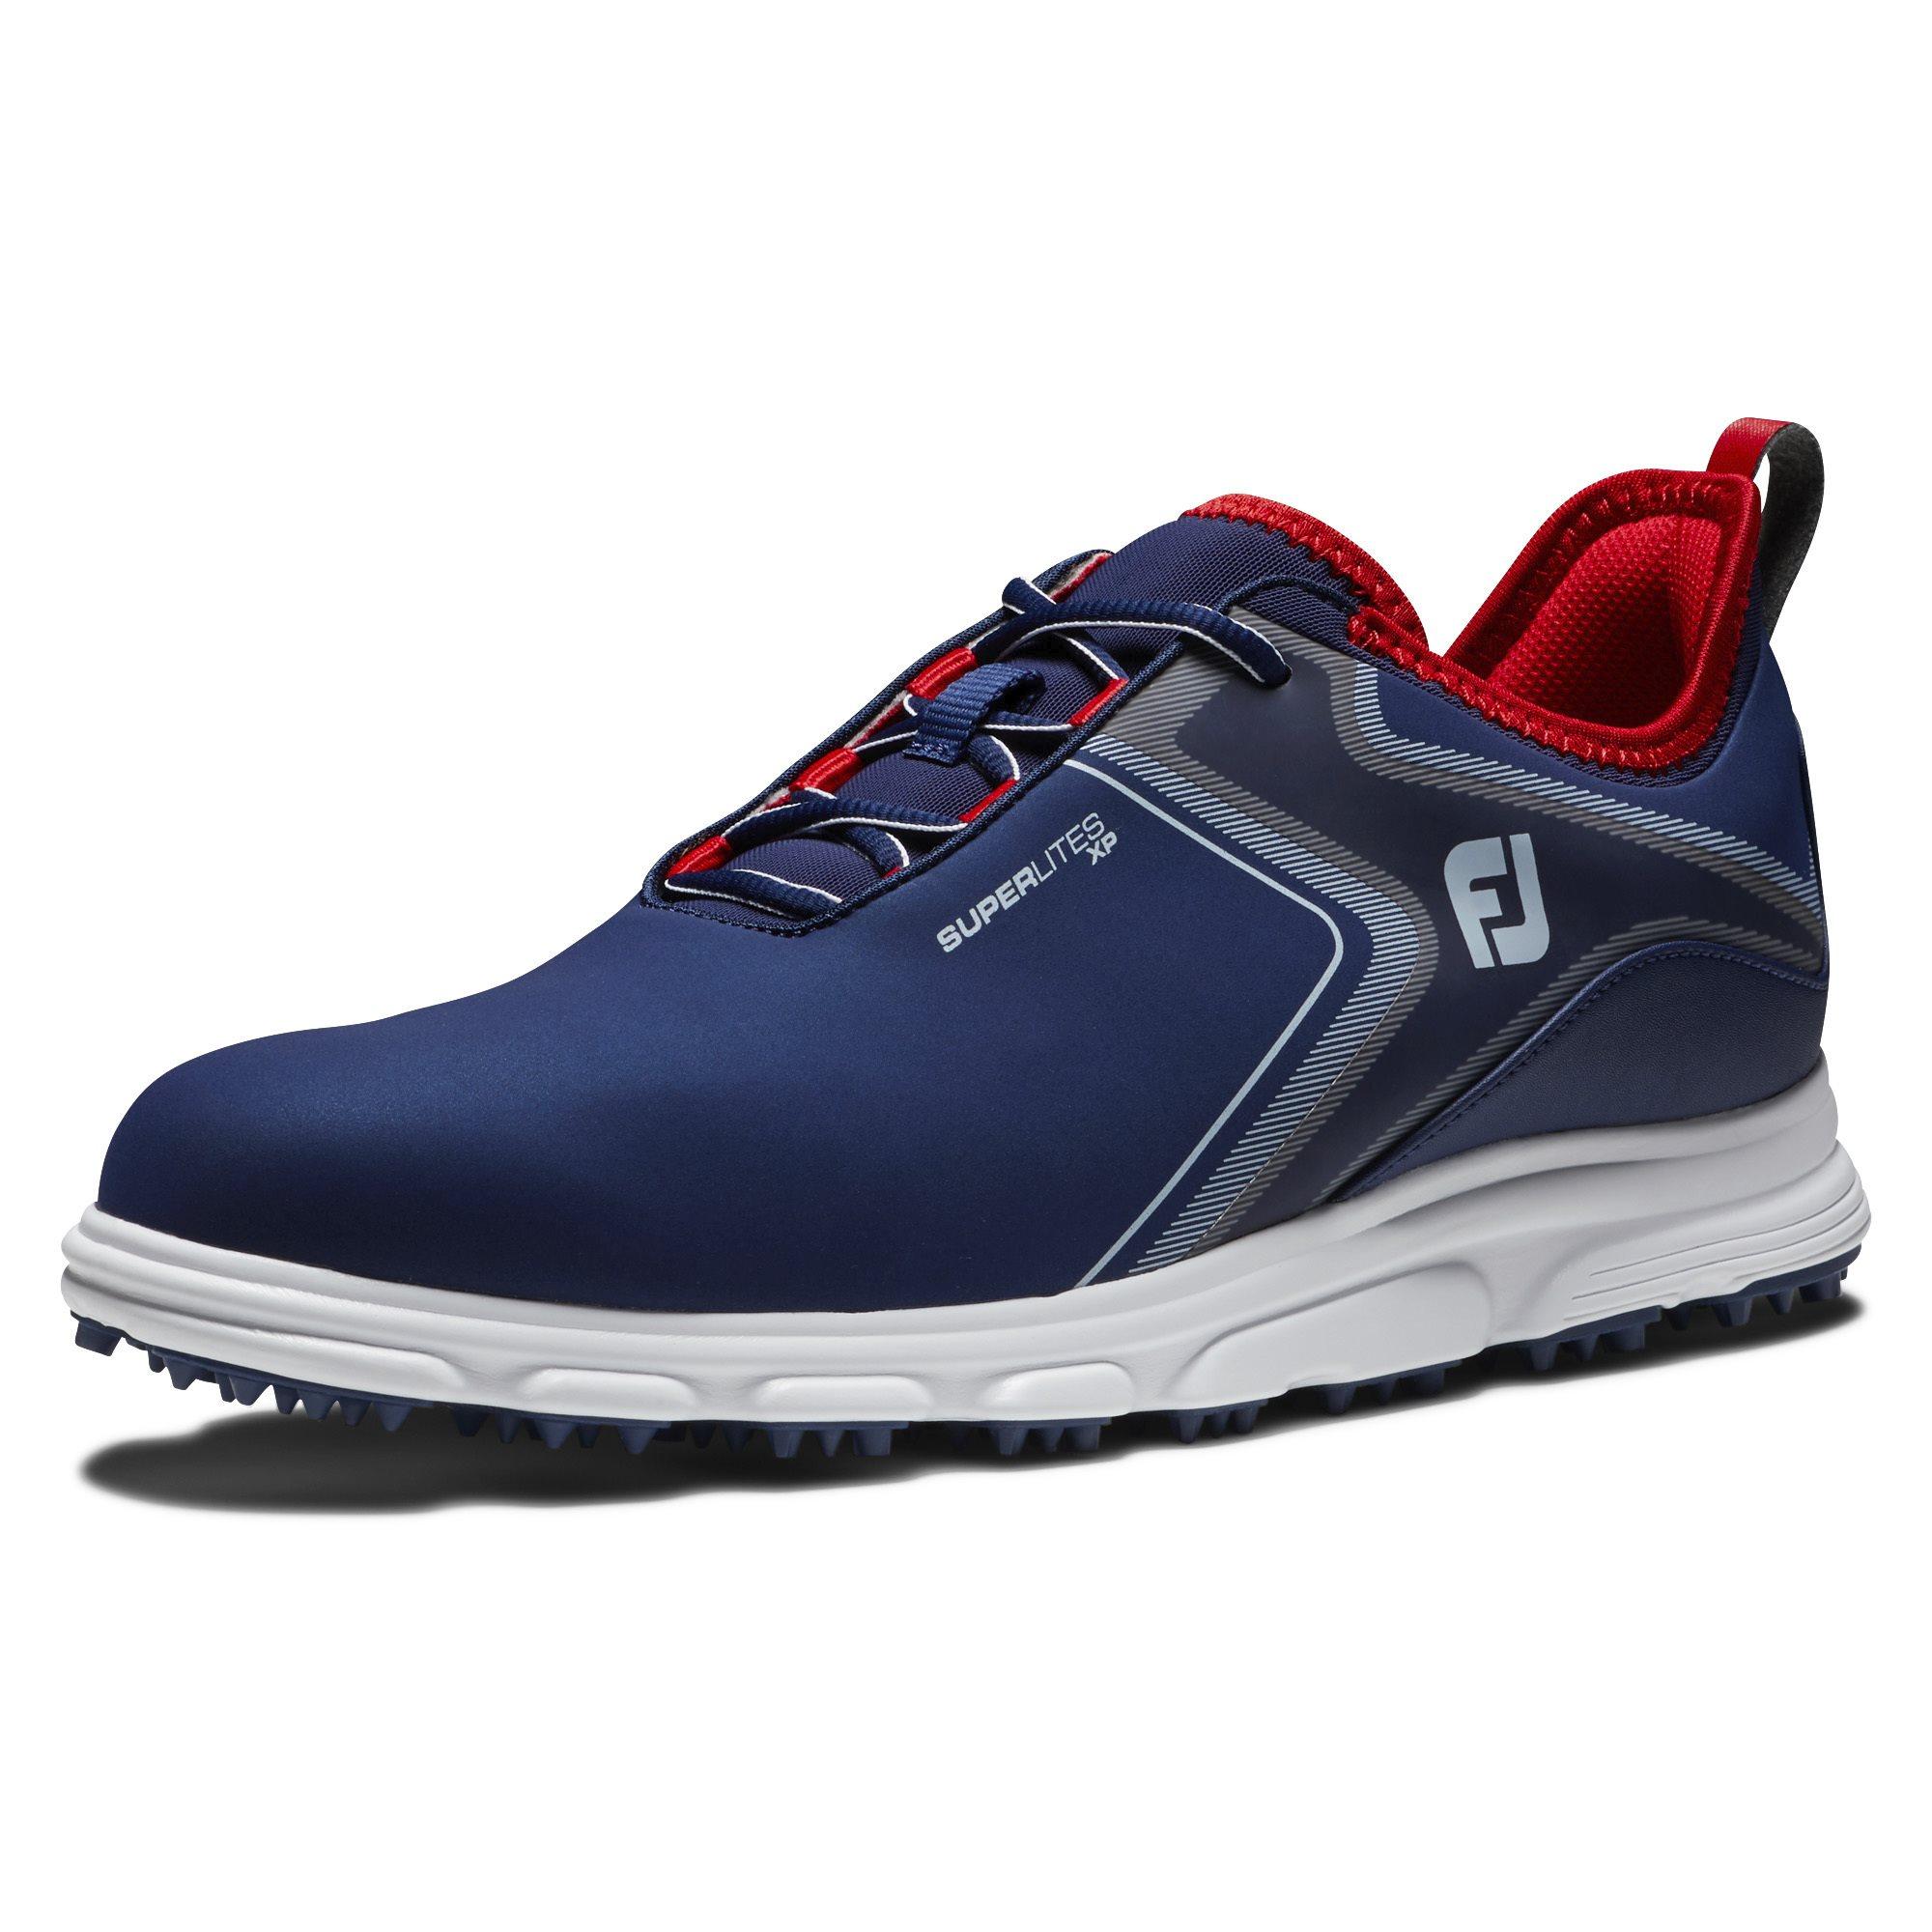 FootJoy heren golfschoenen SuperLites XP blauw-wit-rood